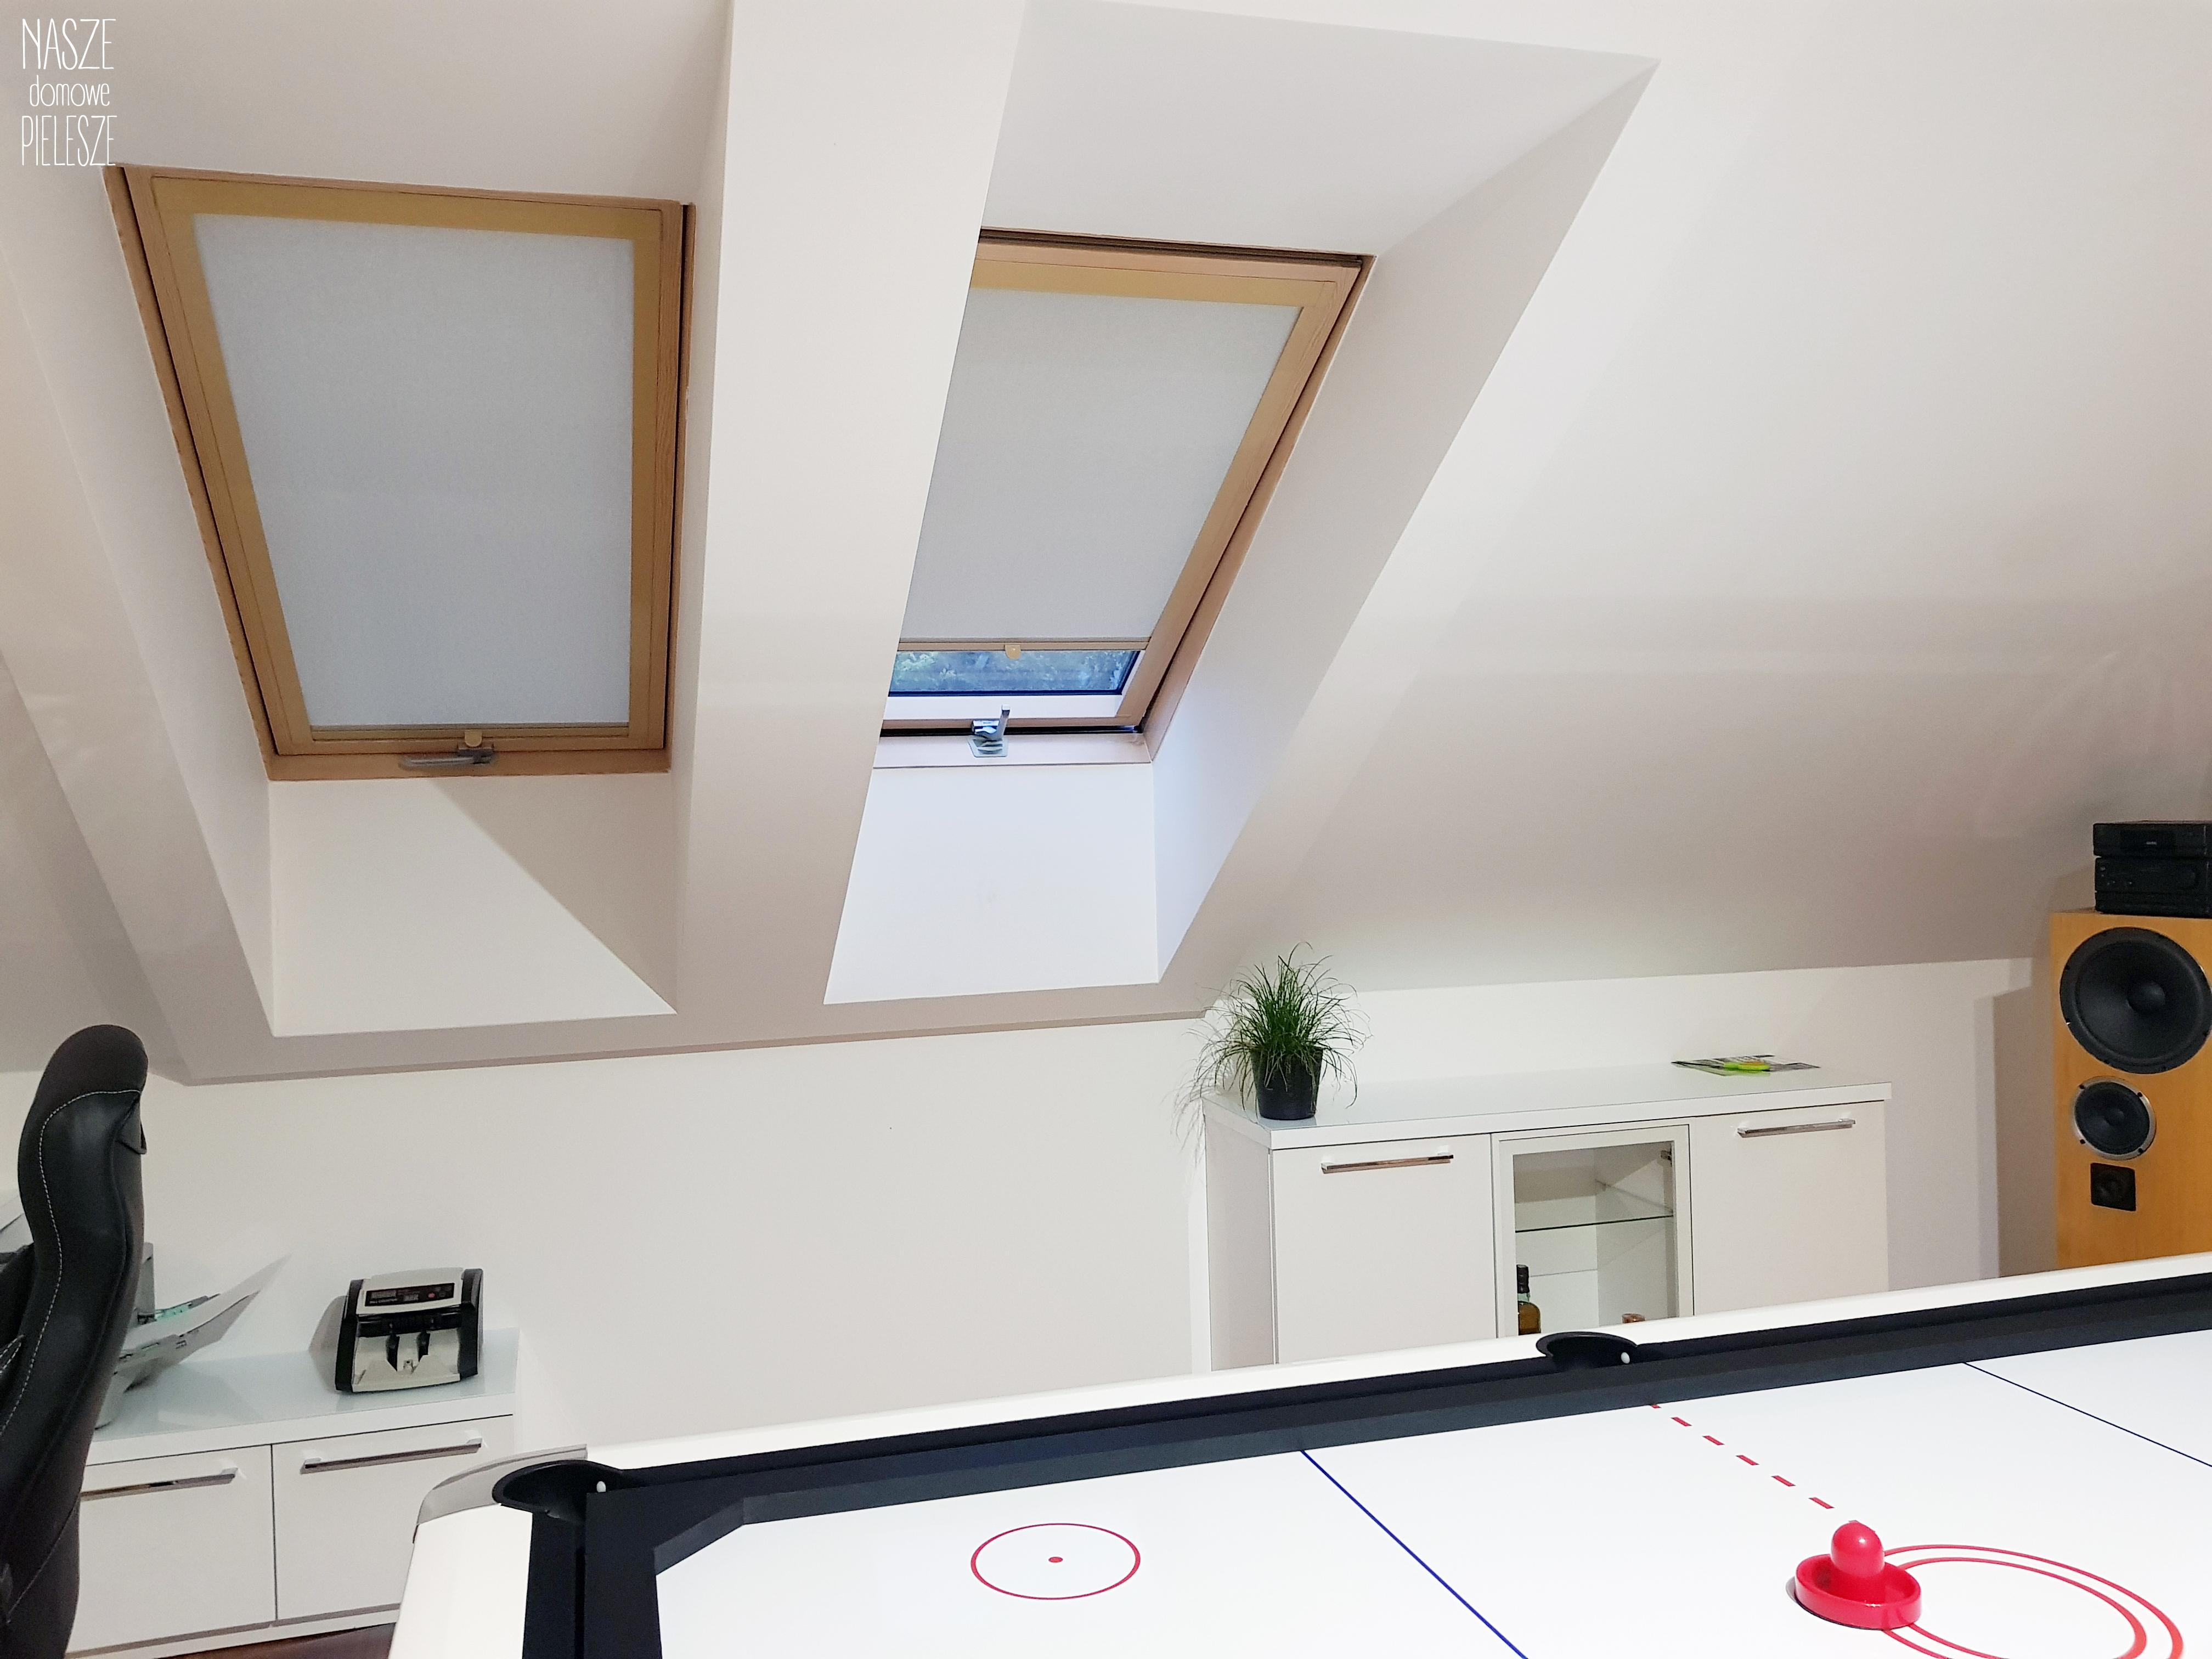 rolety dachowe nasze domowe pielesze